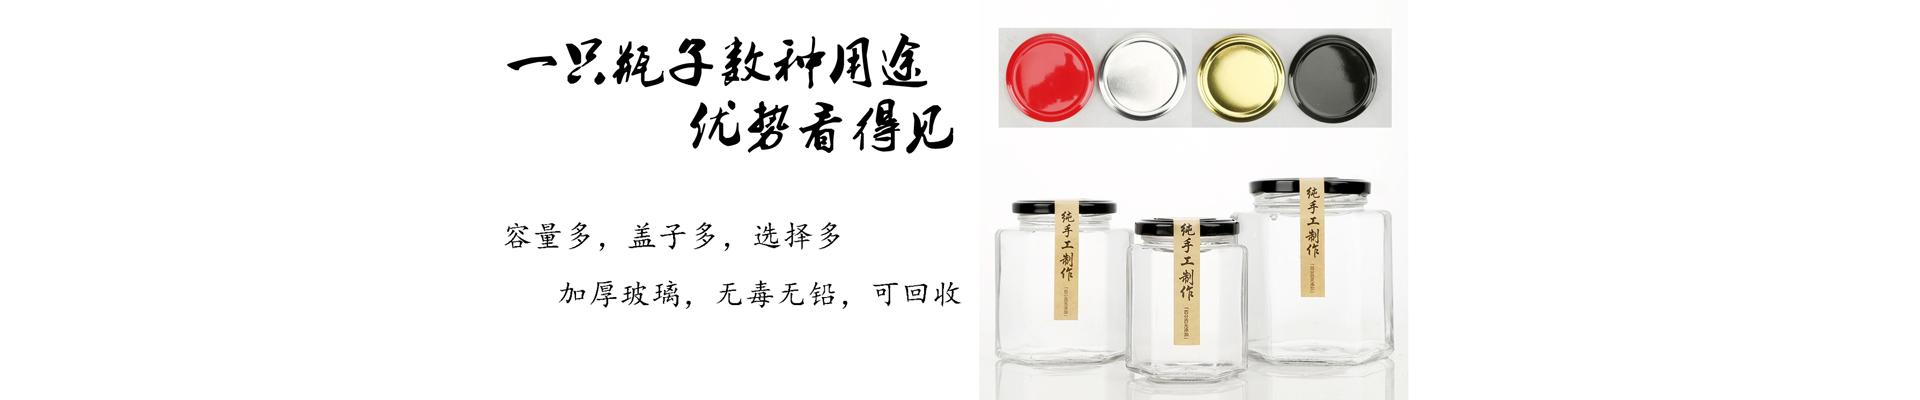 徐州昌顺玻璃科技有限公司